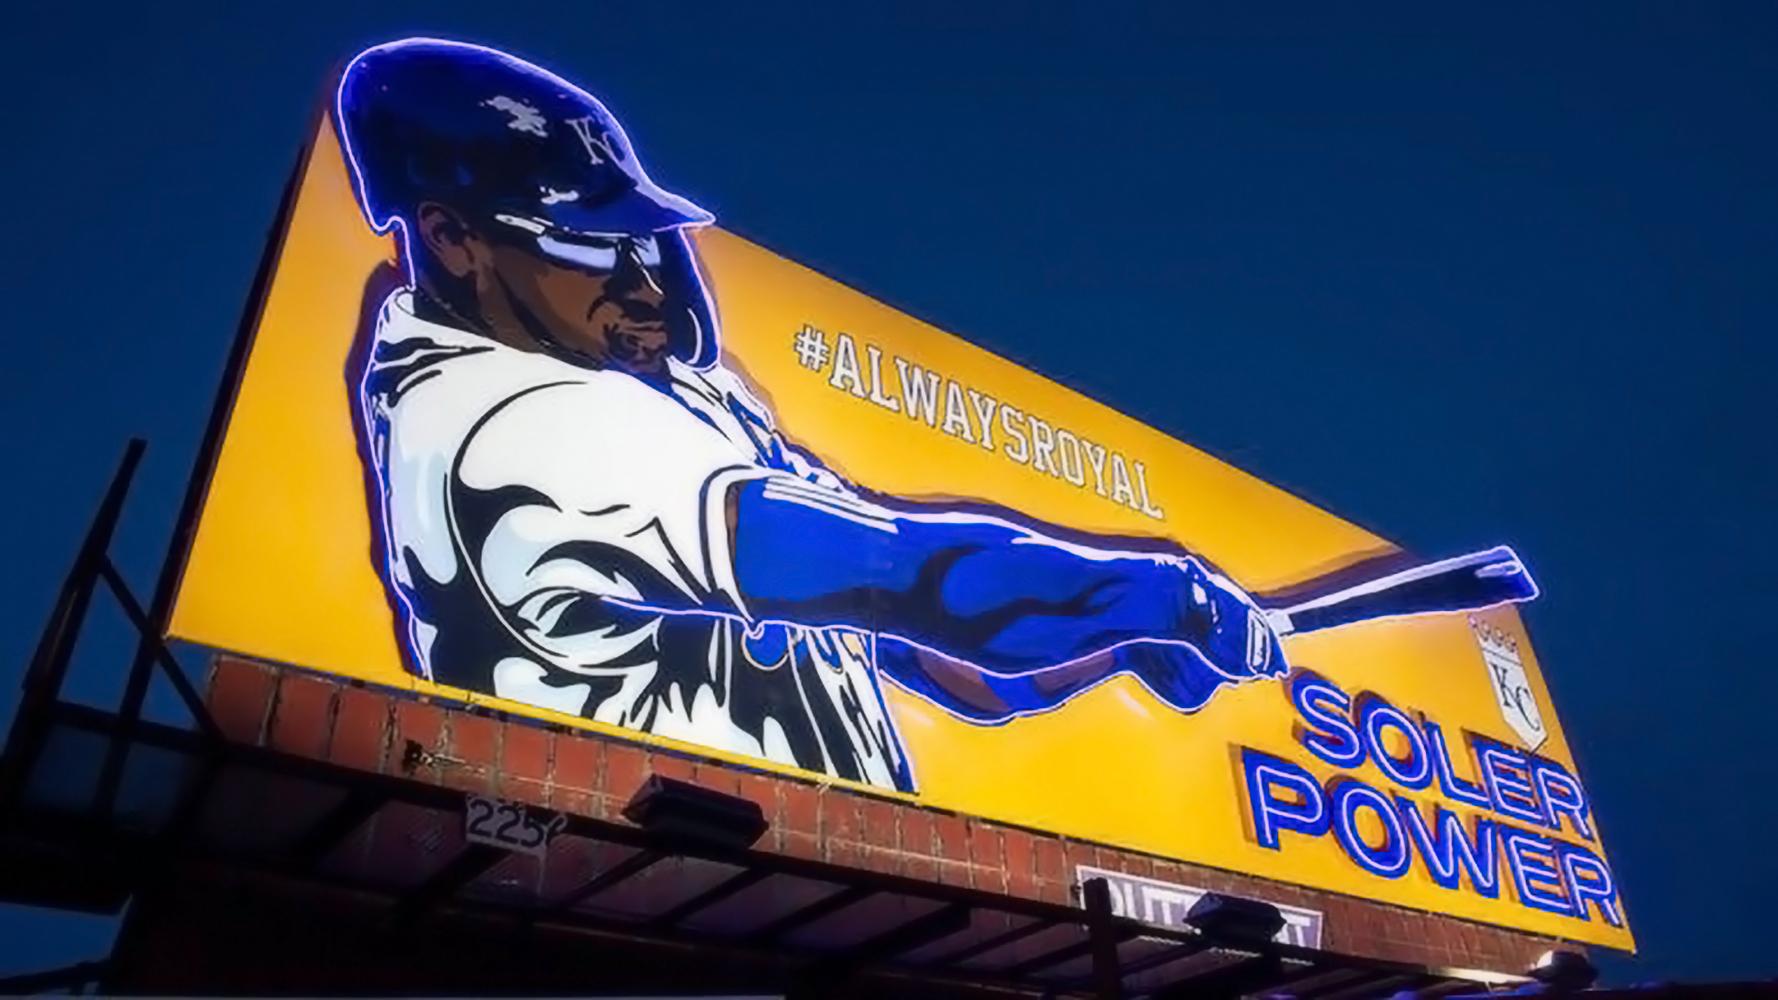 outreach-media_royals-billboard_1000px